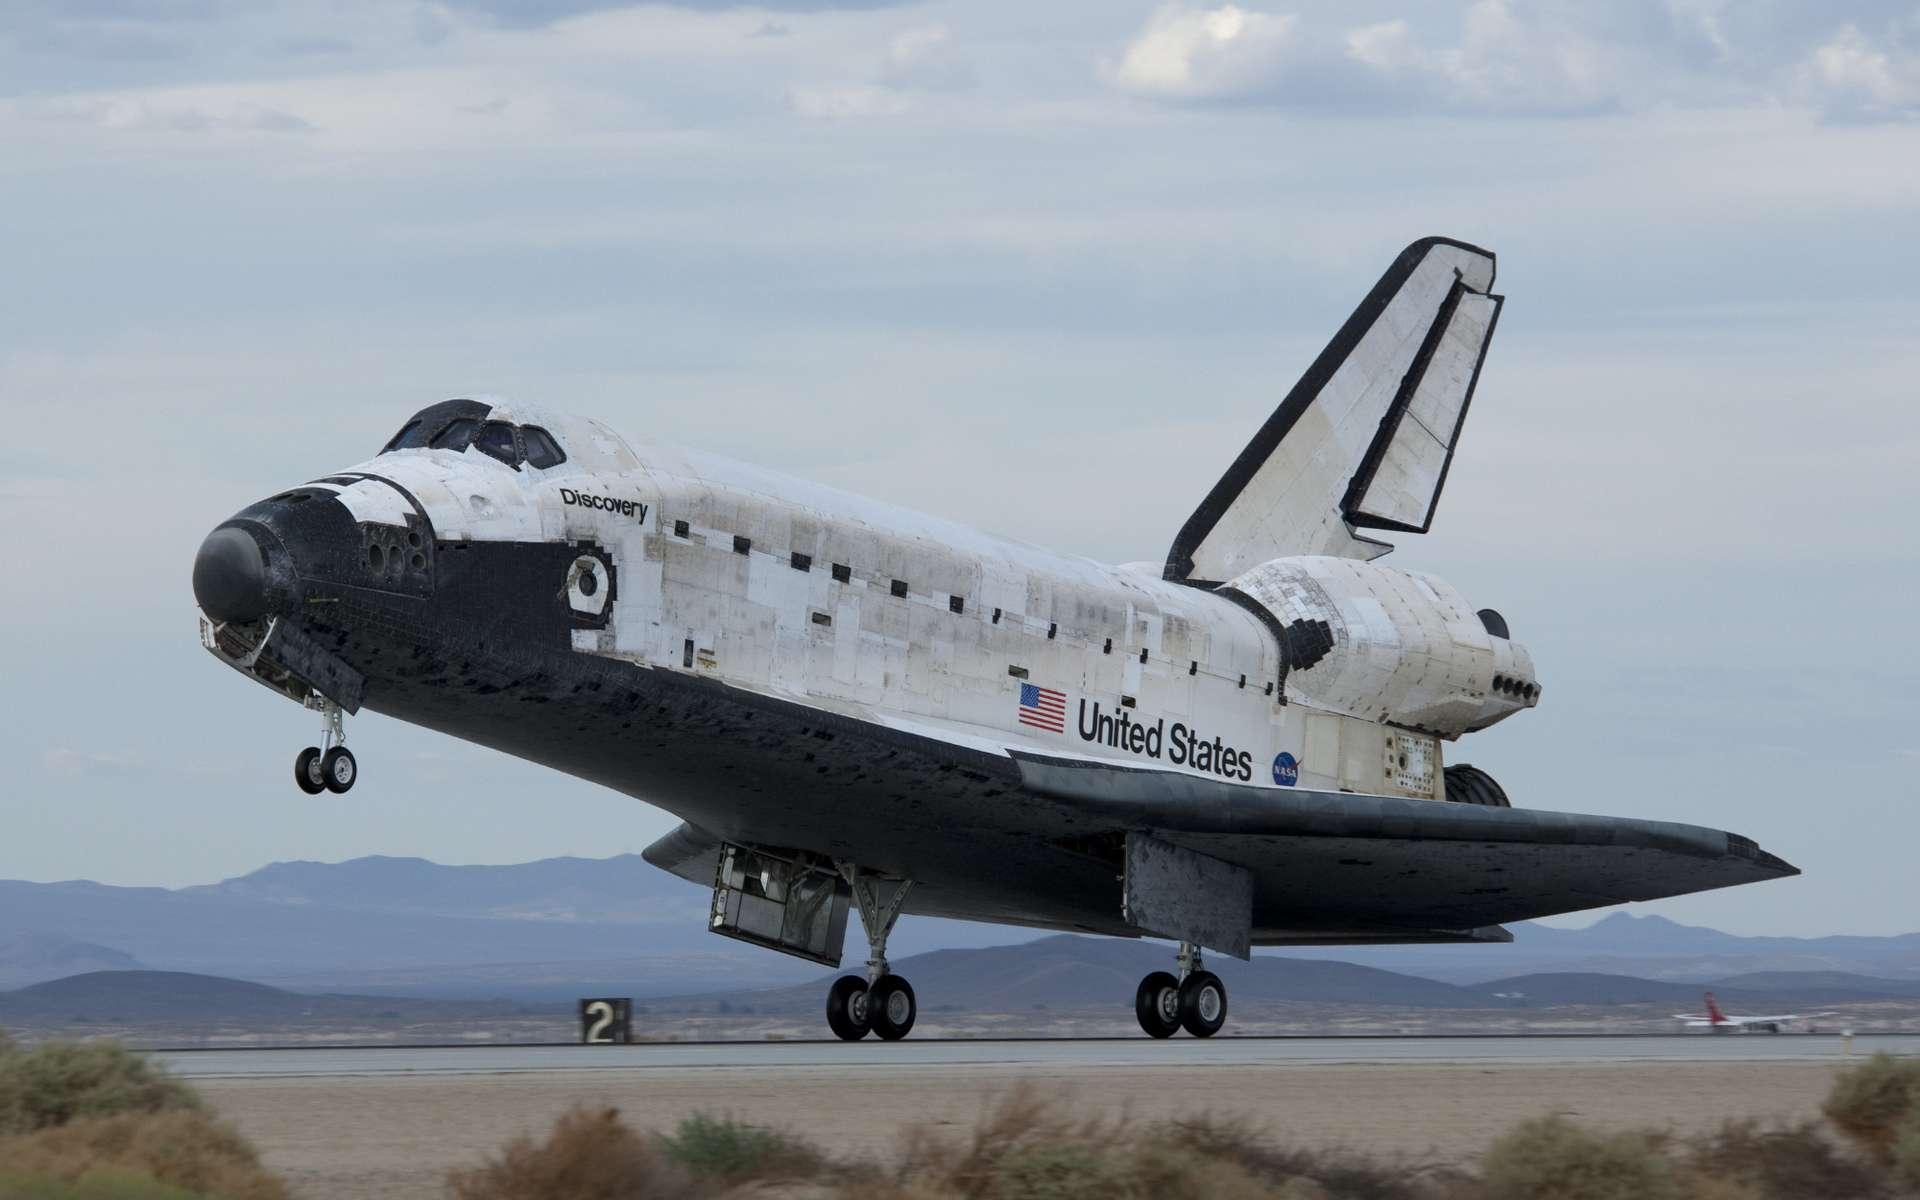 Discovery, qui termine la mission STS-128 se pose sur une piste de la base d'Edwards, en Californie, le samedi 12 septembre 2009 à 0 H 53 en Temps Universel. ©